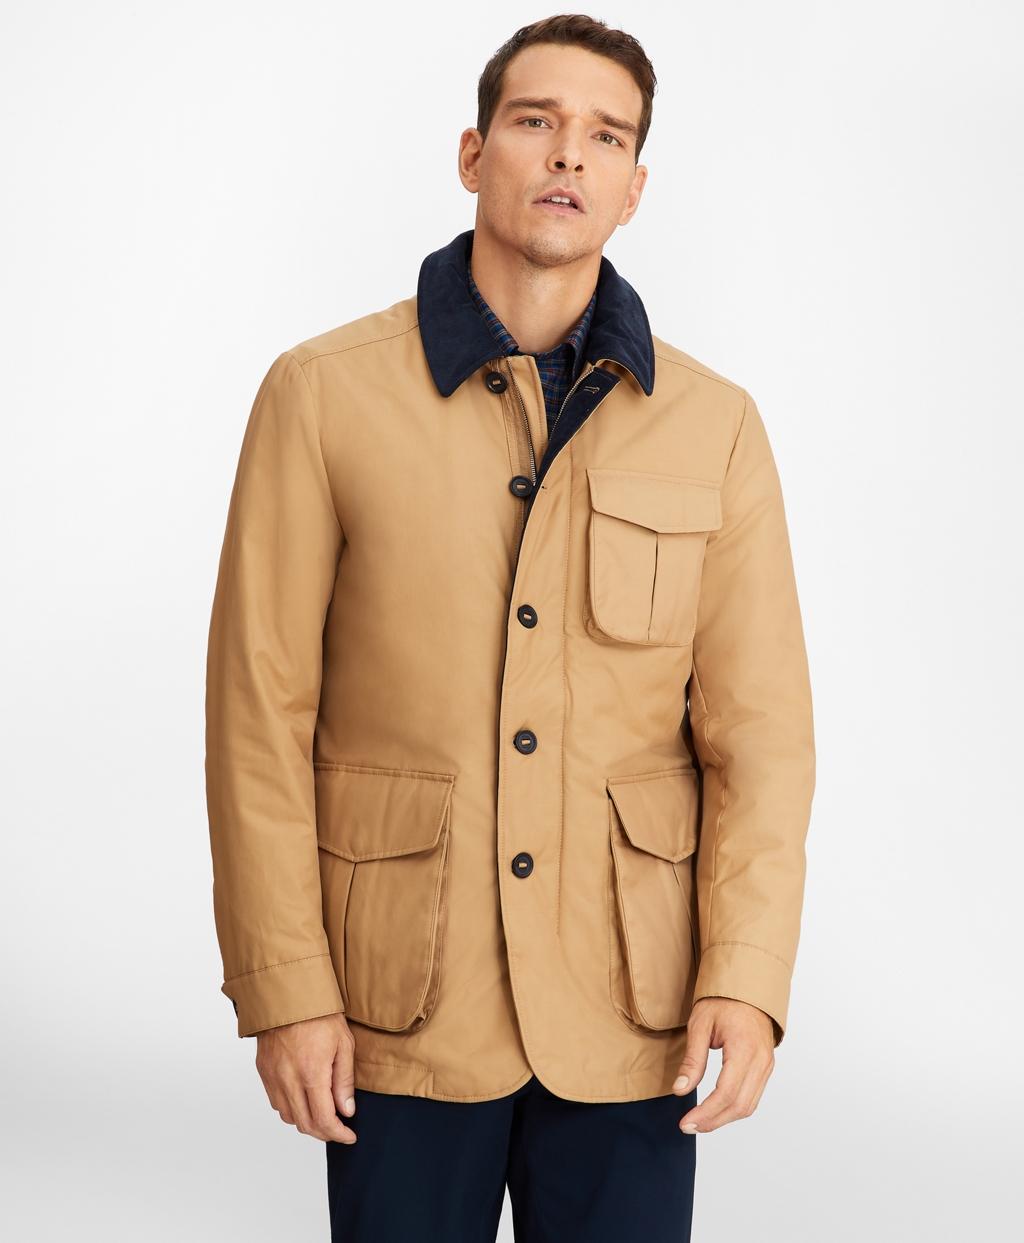 Men's Vintage Workwear – 1920s, 1930s, 1940s, 1950s Brooks Brothers Mens Removable-Lining Barn Coat $498.00 AT vintagedancer.com